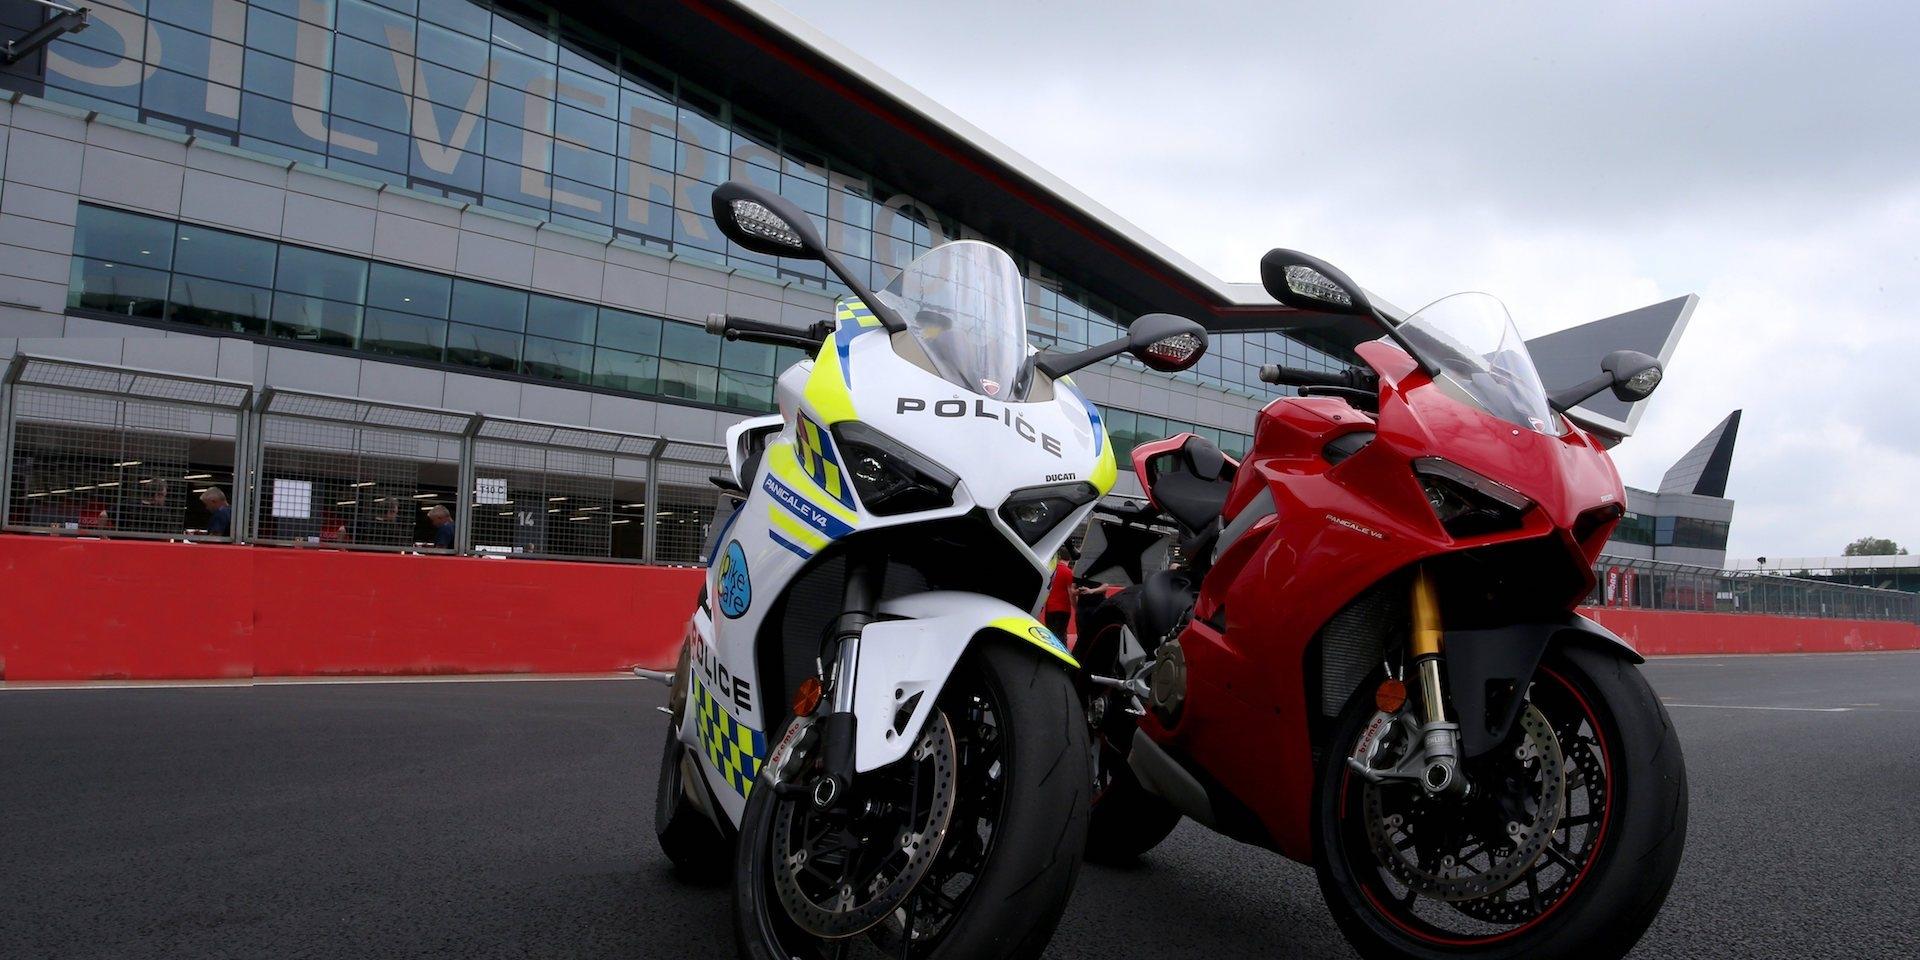 警察騎V4跑車?DUCATI捐贈Panigale V4給英國警方